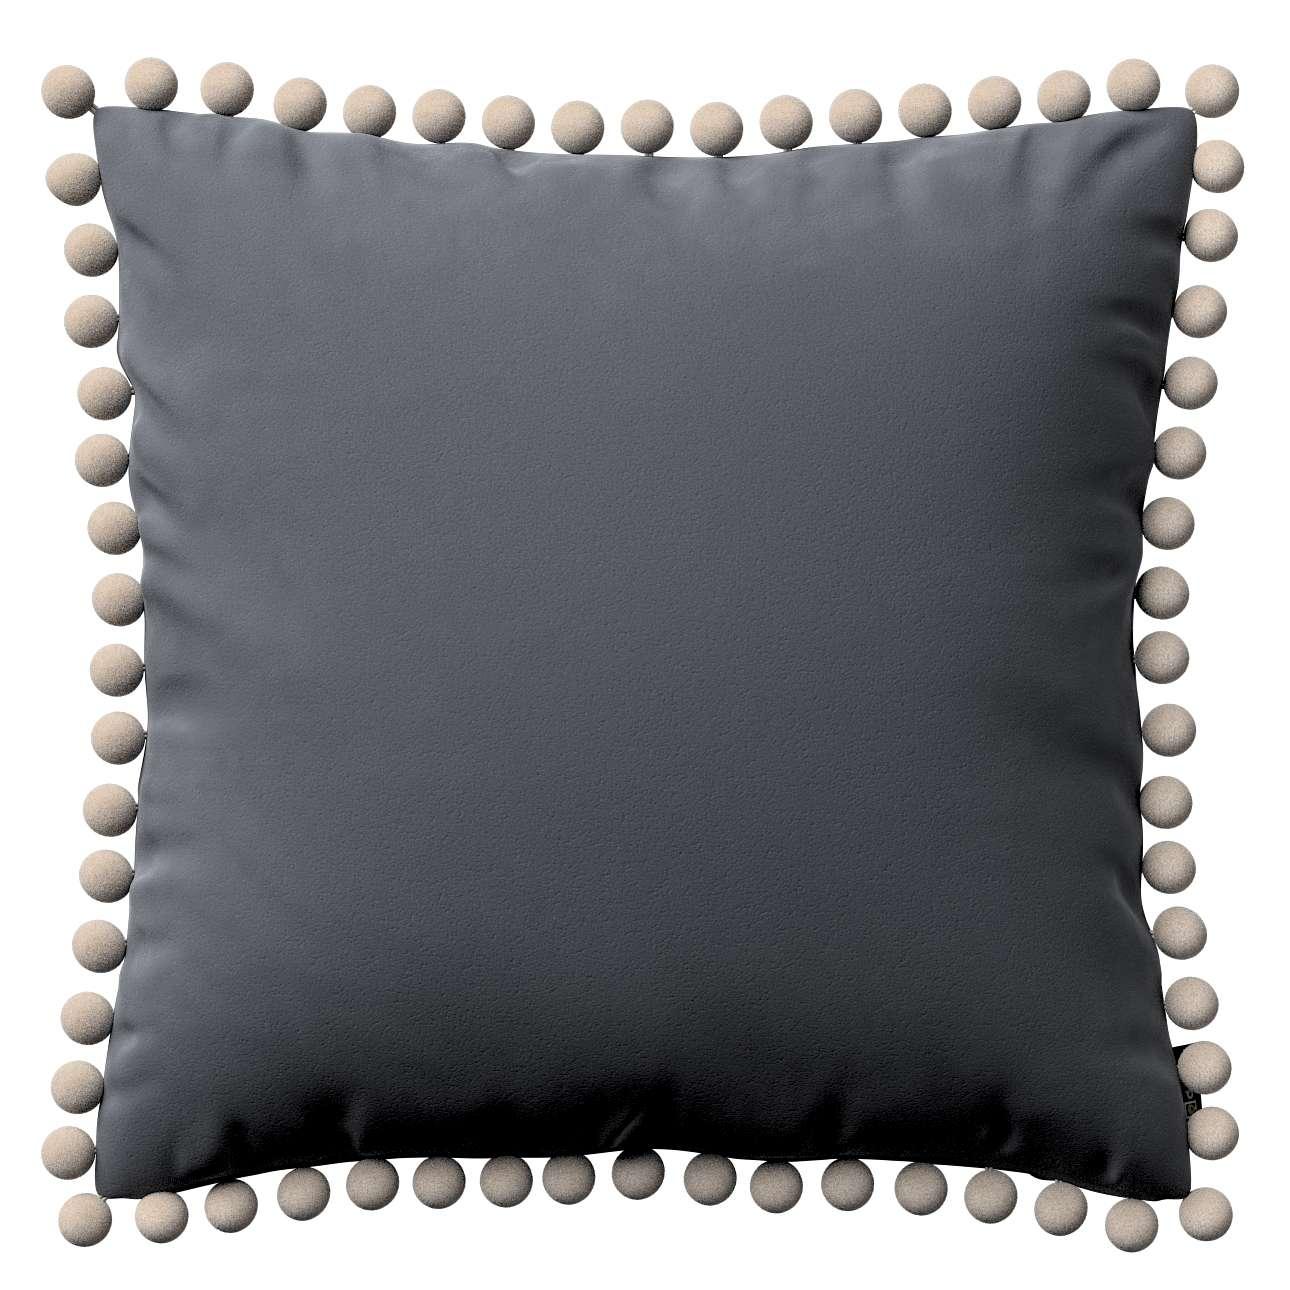 Poszewka Wera na poduszkę w kolekcji Velvet, tkanina: 704-12